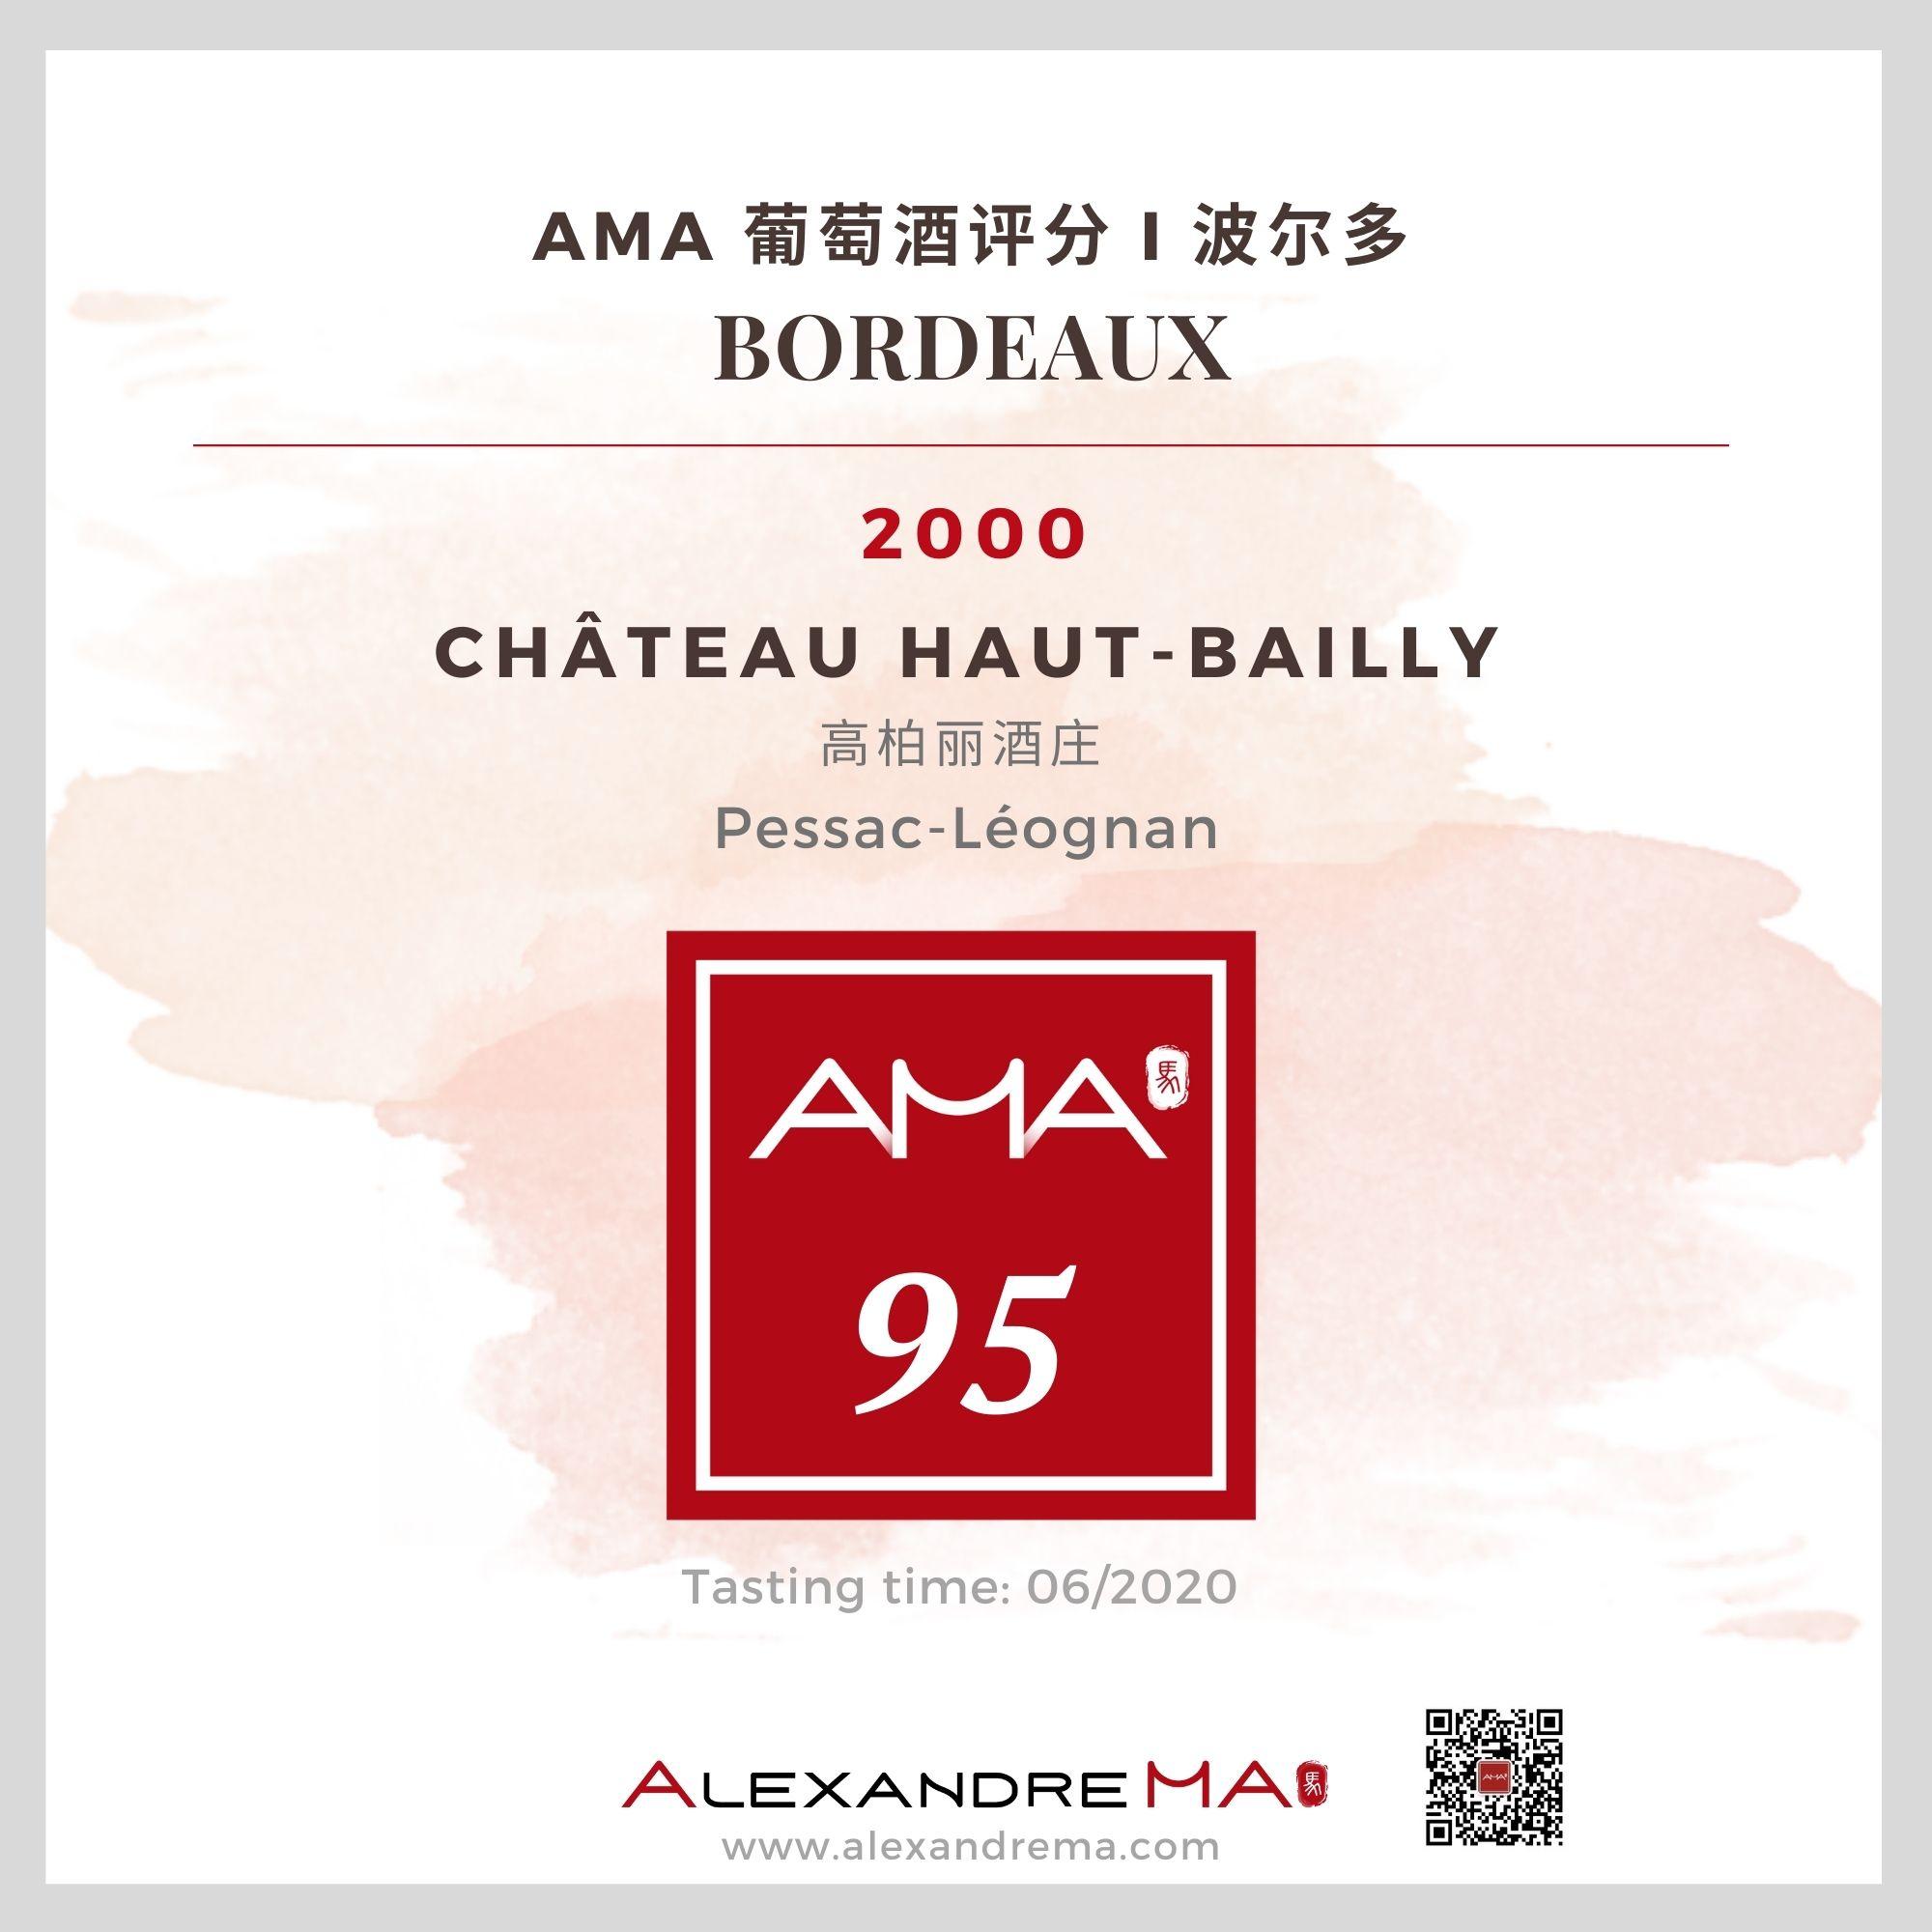 Château Haut-Bailly 2000 高柏丽酒庄 - Alexandre Ma